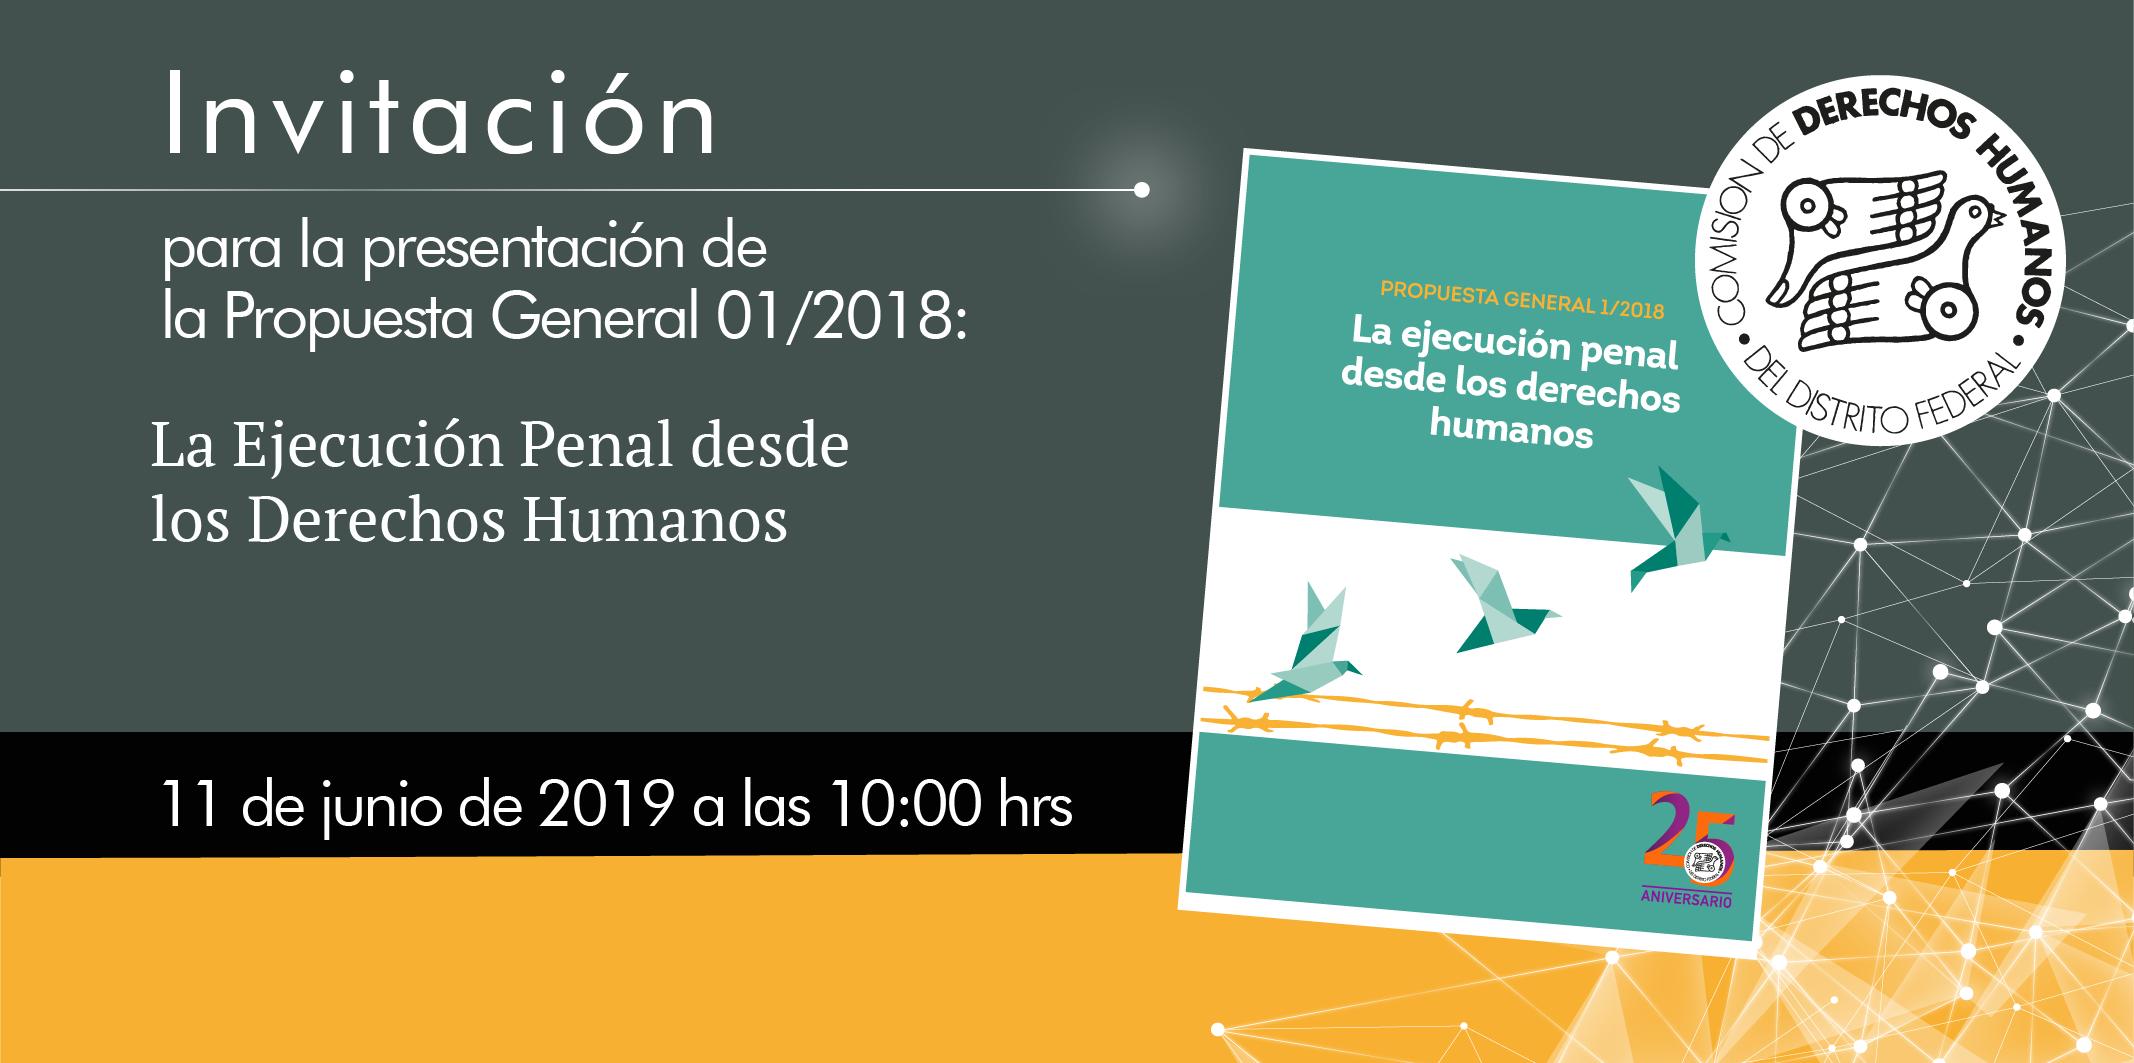 Presentación de la Propuesta General 01/2018: La Ejecución Penal desde los Derechos Humanos @ CDHDF